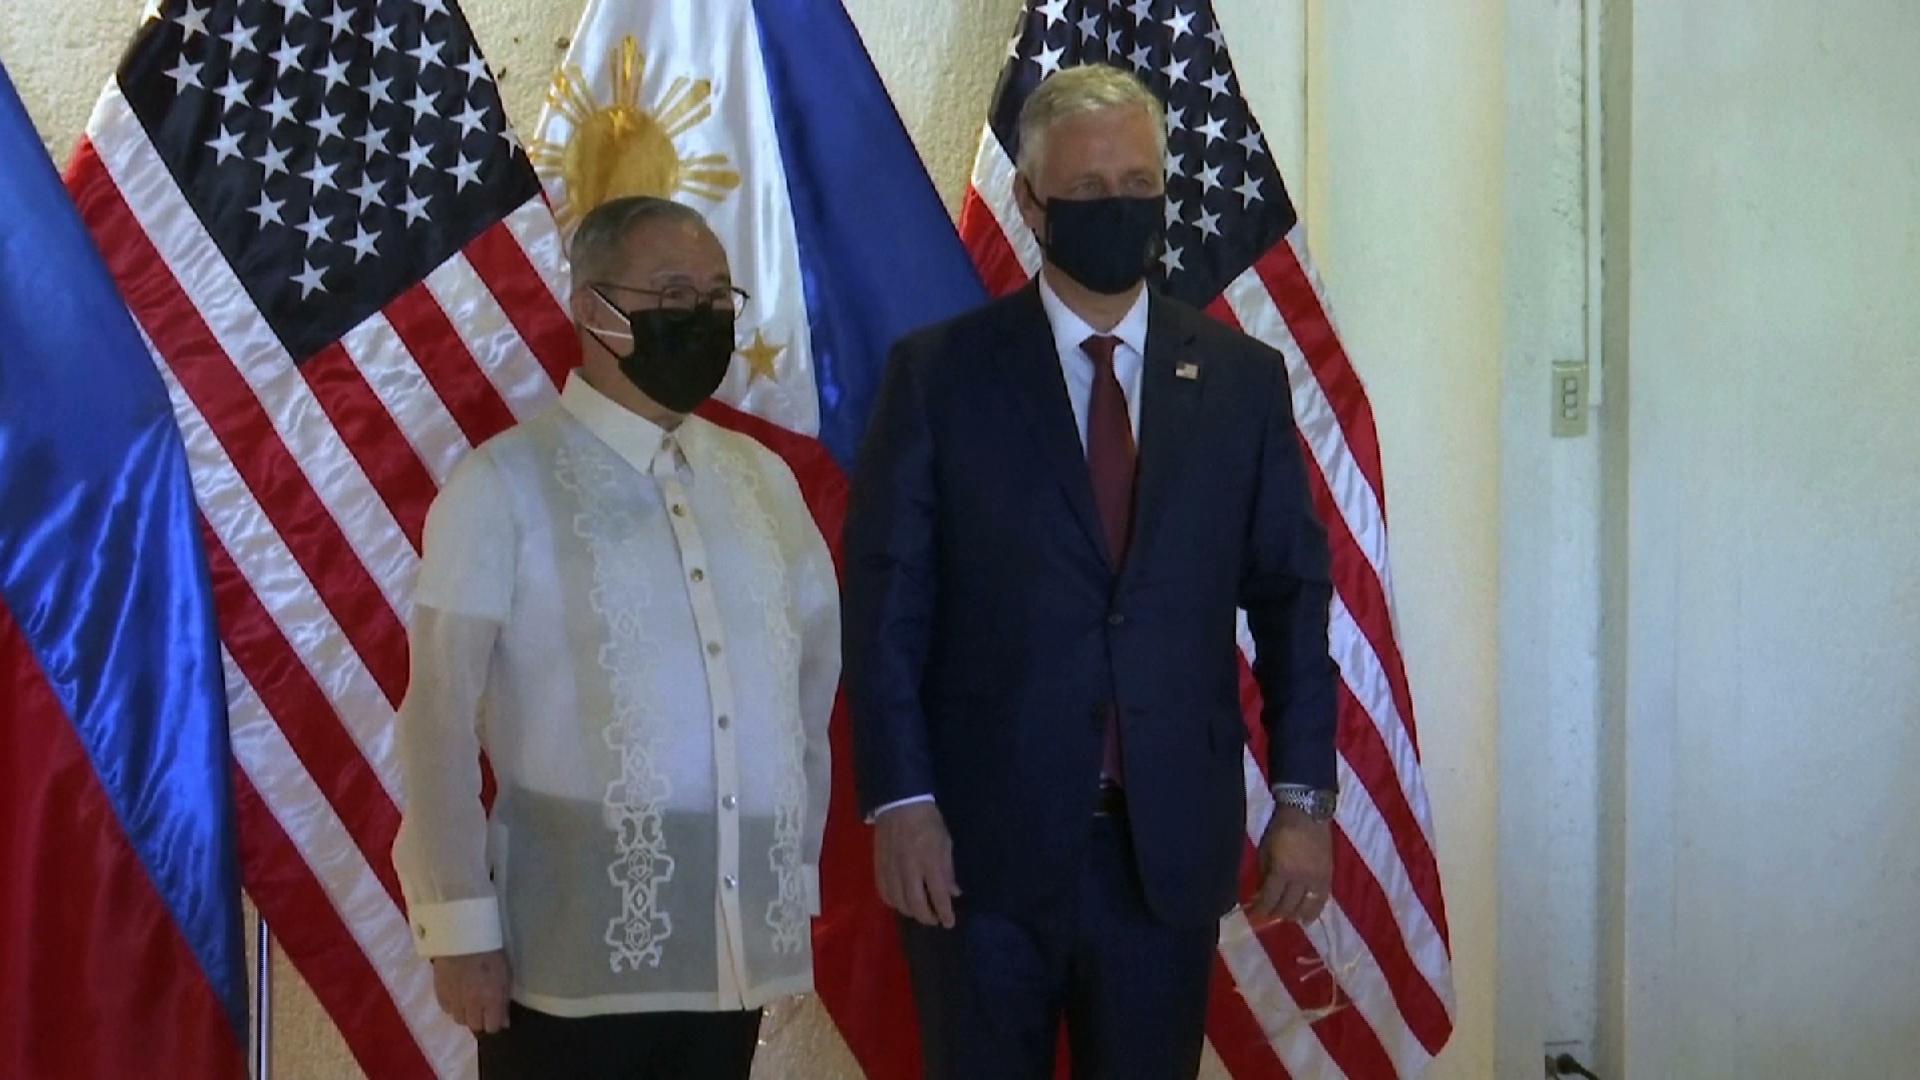 Tòa Đại sứ Trung Cộng tại Manila cáo buộc Hoa Kỳ gây hỗn loạn ở châu Á